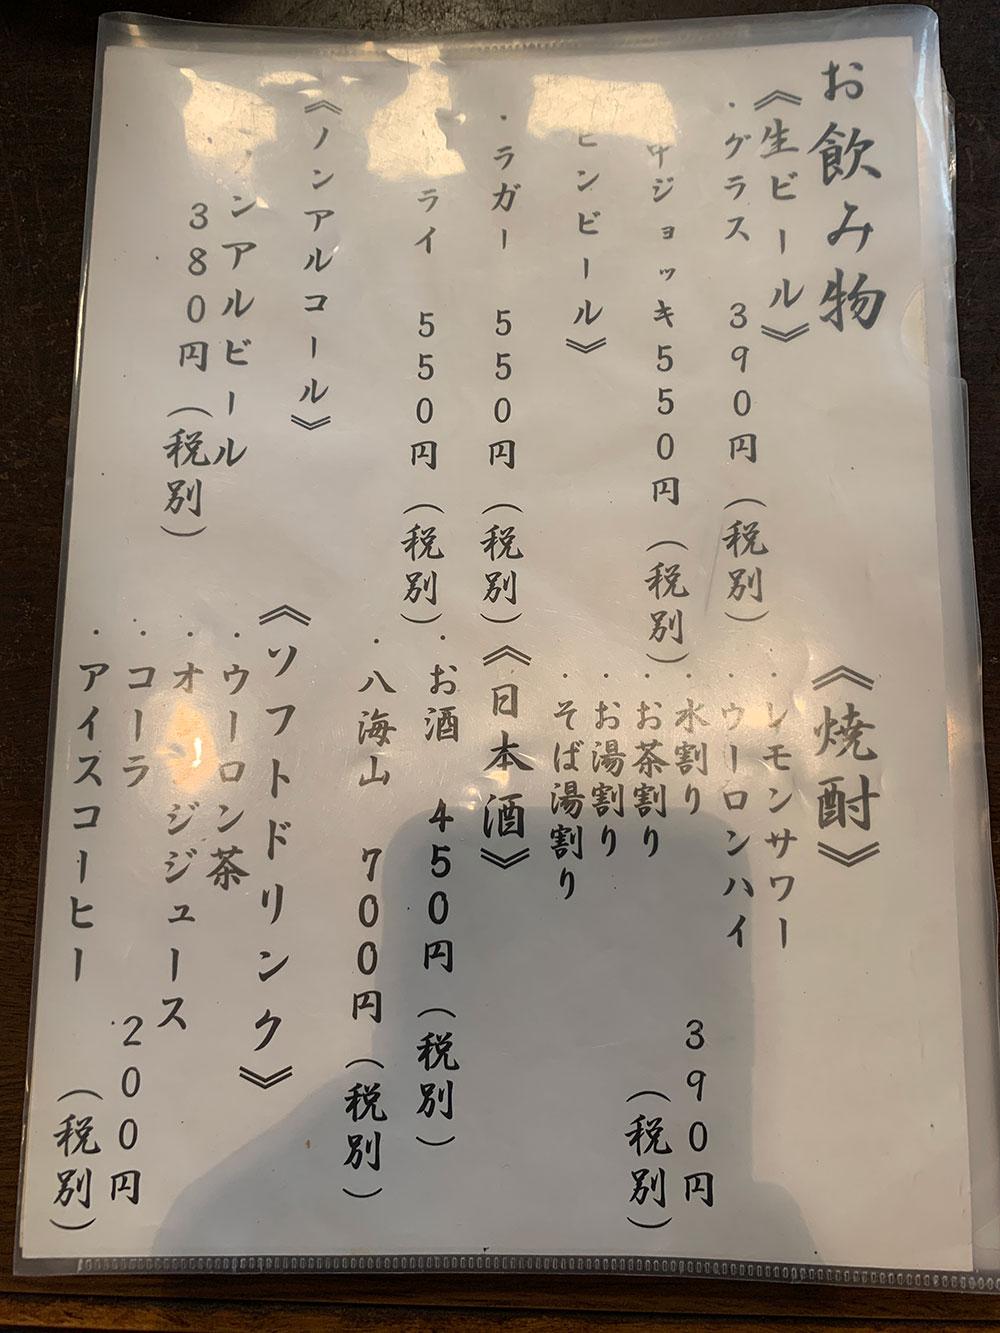 薮 そば 下田 メニュー飲み物